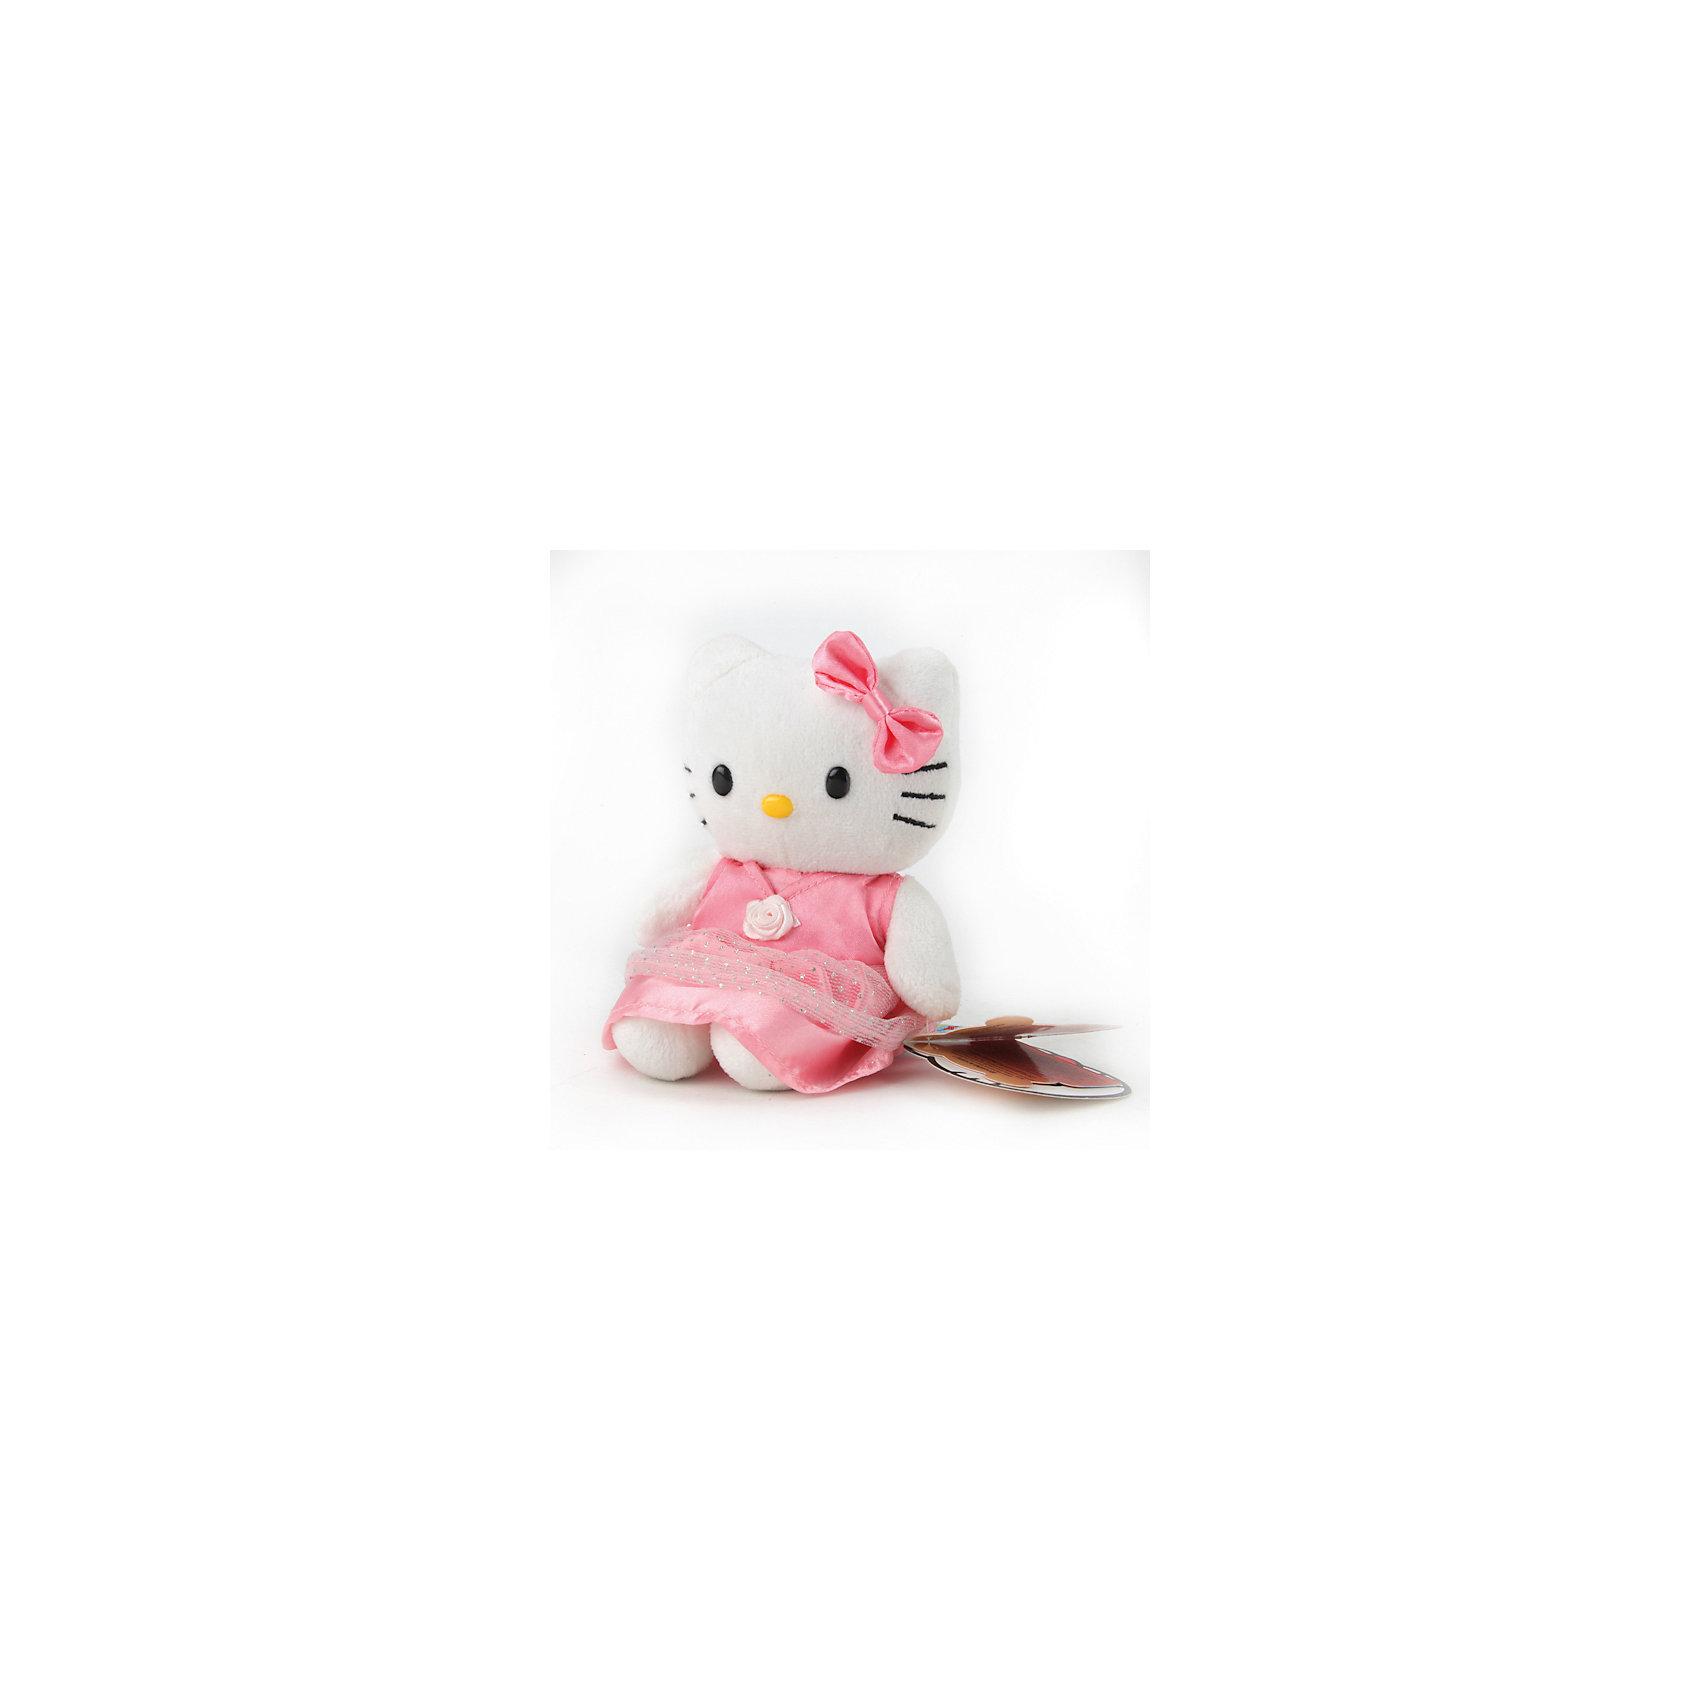 Мягкая игрушка  Hello Kitty, 14 см, со звуком, МУЛЬТИ-ПУЛЬТИМягкая игрушка Hello Kitty со звуком от марки МУЛЬТИ-ПУЛЬТИ<br><br>Симпатичная мягкая игрушка от отечественного производителя поможет ребенку проводить время весело и с пользой. Она сделана в виде известного героя - милой кошечки. В игрушке есть встроенный звуковой модуль, работающий на батарейках. Она говорит 6 разных фраз.<br>Размер игрушки - 14 сантиметра, её удобно брать с собой в поездки и на прогулку. Одет Снупи в яркую шапку. Сделан он из качественных и безопасных для ребенка материалов. <br><br>Отличительные особенности игрушки:<br><br>- материал: текстиль, пластик;<br>- звуковой модуль;<br>- язык: русский;<br>- работает на батарейках;<br>- высота: 14 см.<br><br>Мягкую игрушку Hello Kitty со звуком от марки МУЛЬТИ-ПУЛЬТИ можно купить в нашем магазине.<br><br>Ширина мм: 280<br>Глубина мм: 280<br>Высота мм: 280<br>Вес г: 210<br>Возраст от месяцев: 36<br>Возраст до месяцев: 84<br>Пол: Женский<br>Возраст: Детский<br>SKU: 4659493